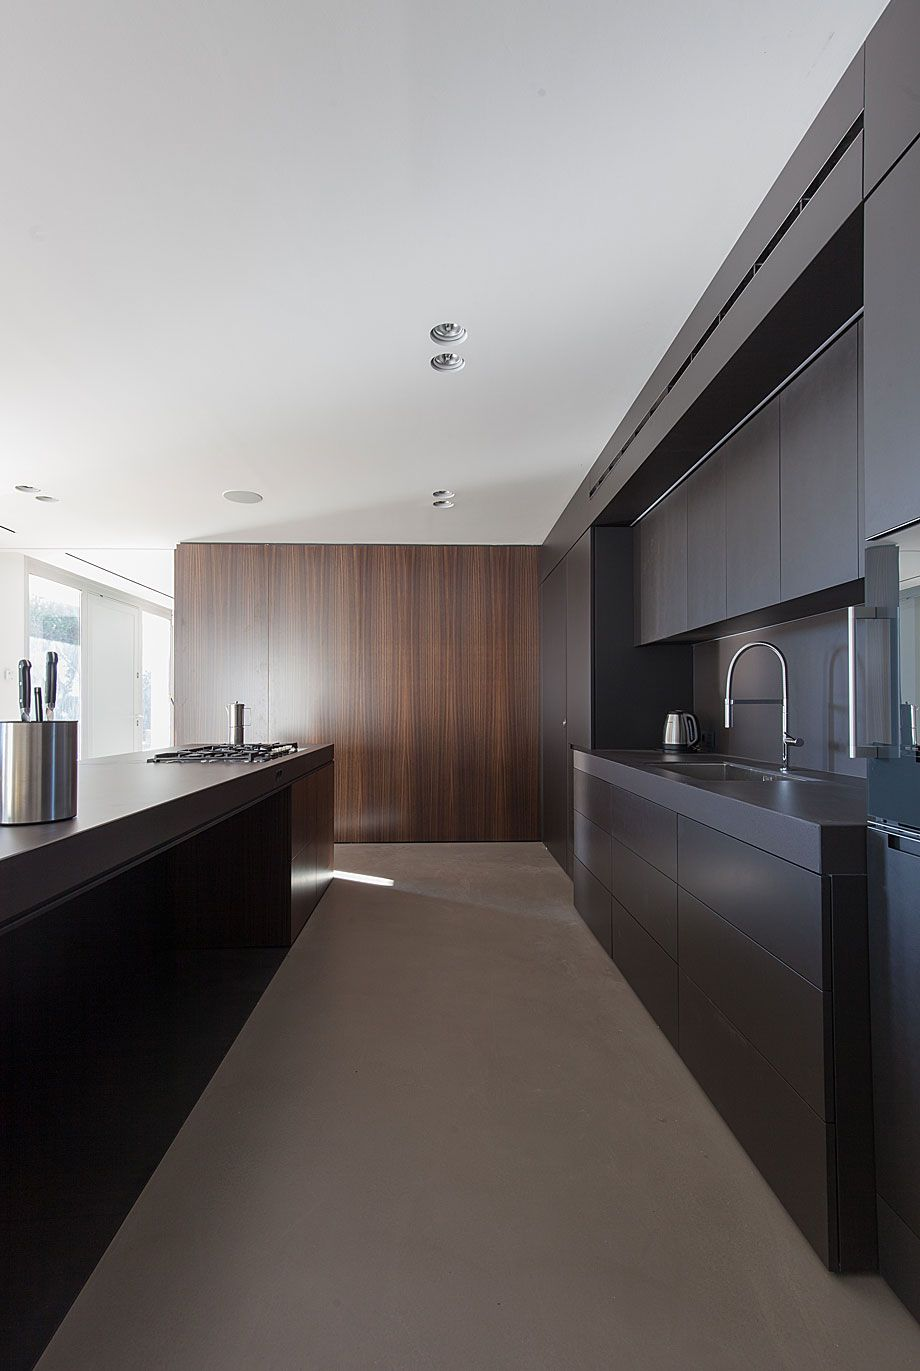 7 x 7 küchendesign viviendavallesorientalylabarquitectos   kitchen  pinterest